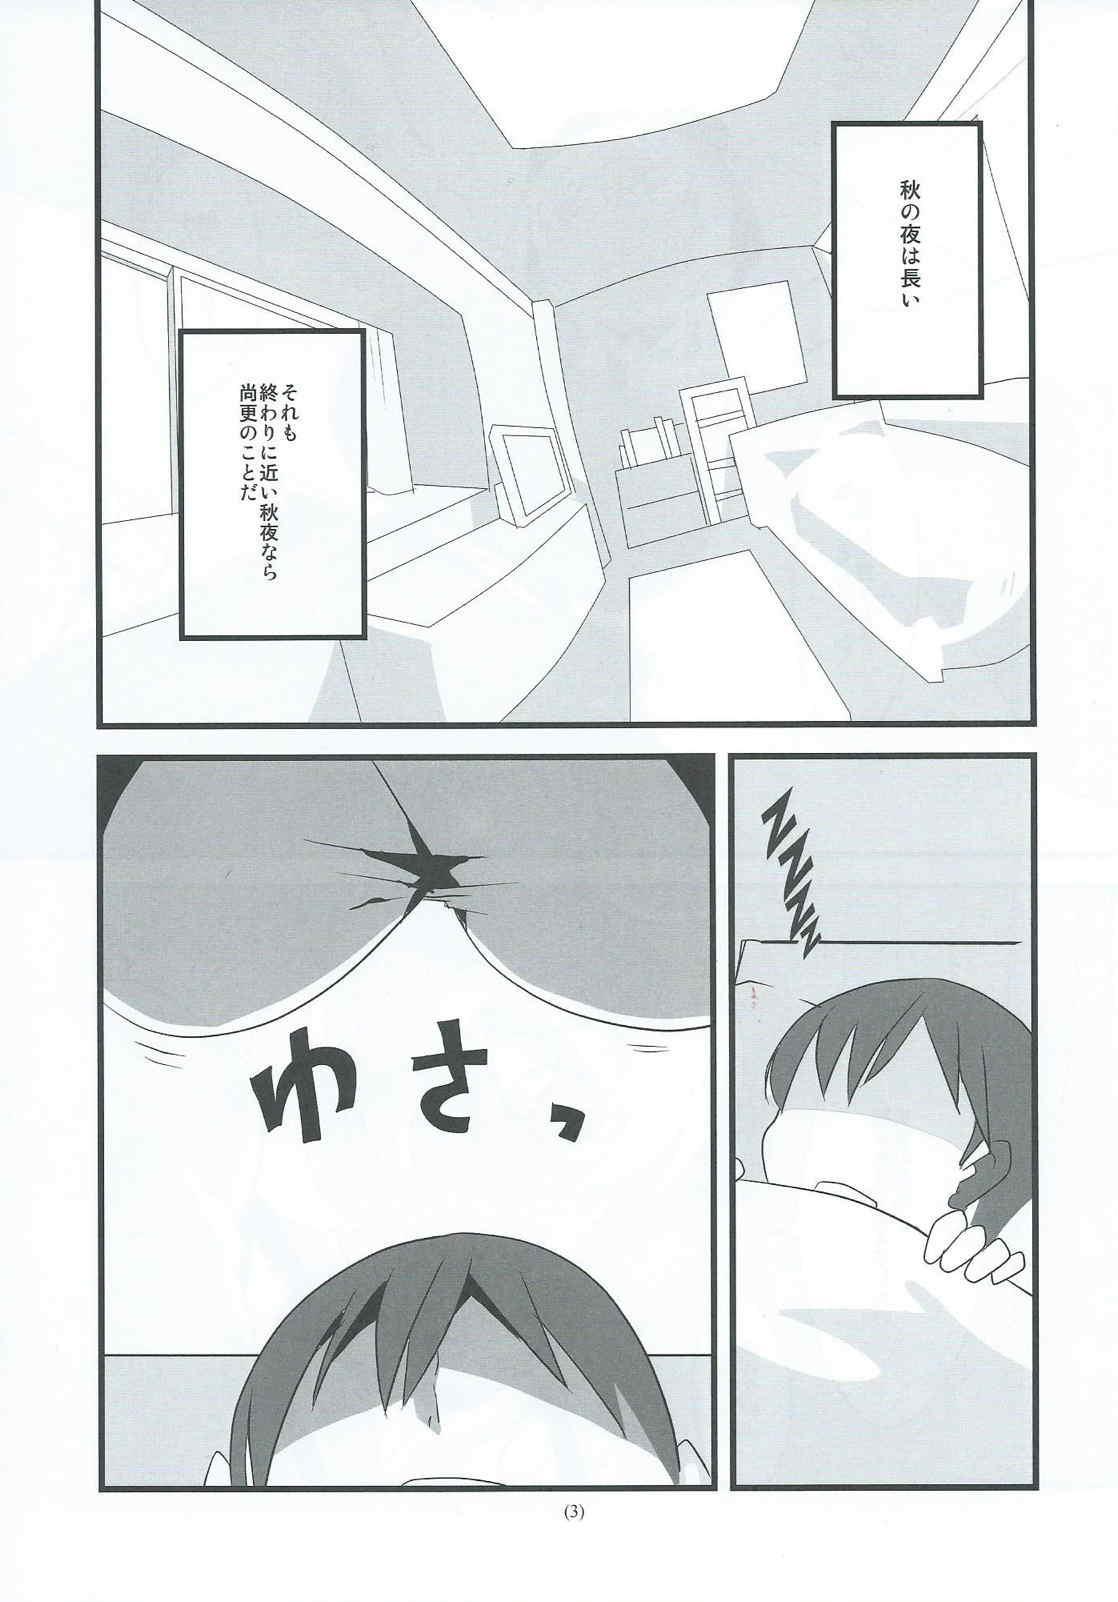 Aki Chichi Harverster 3